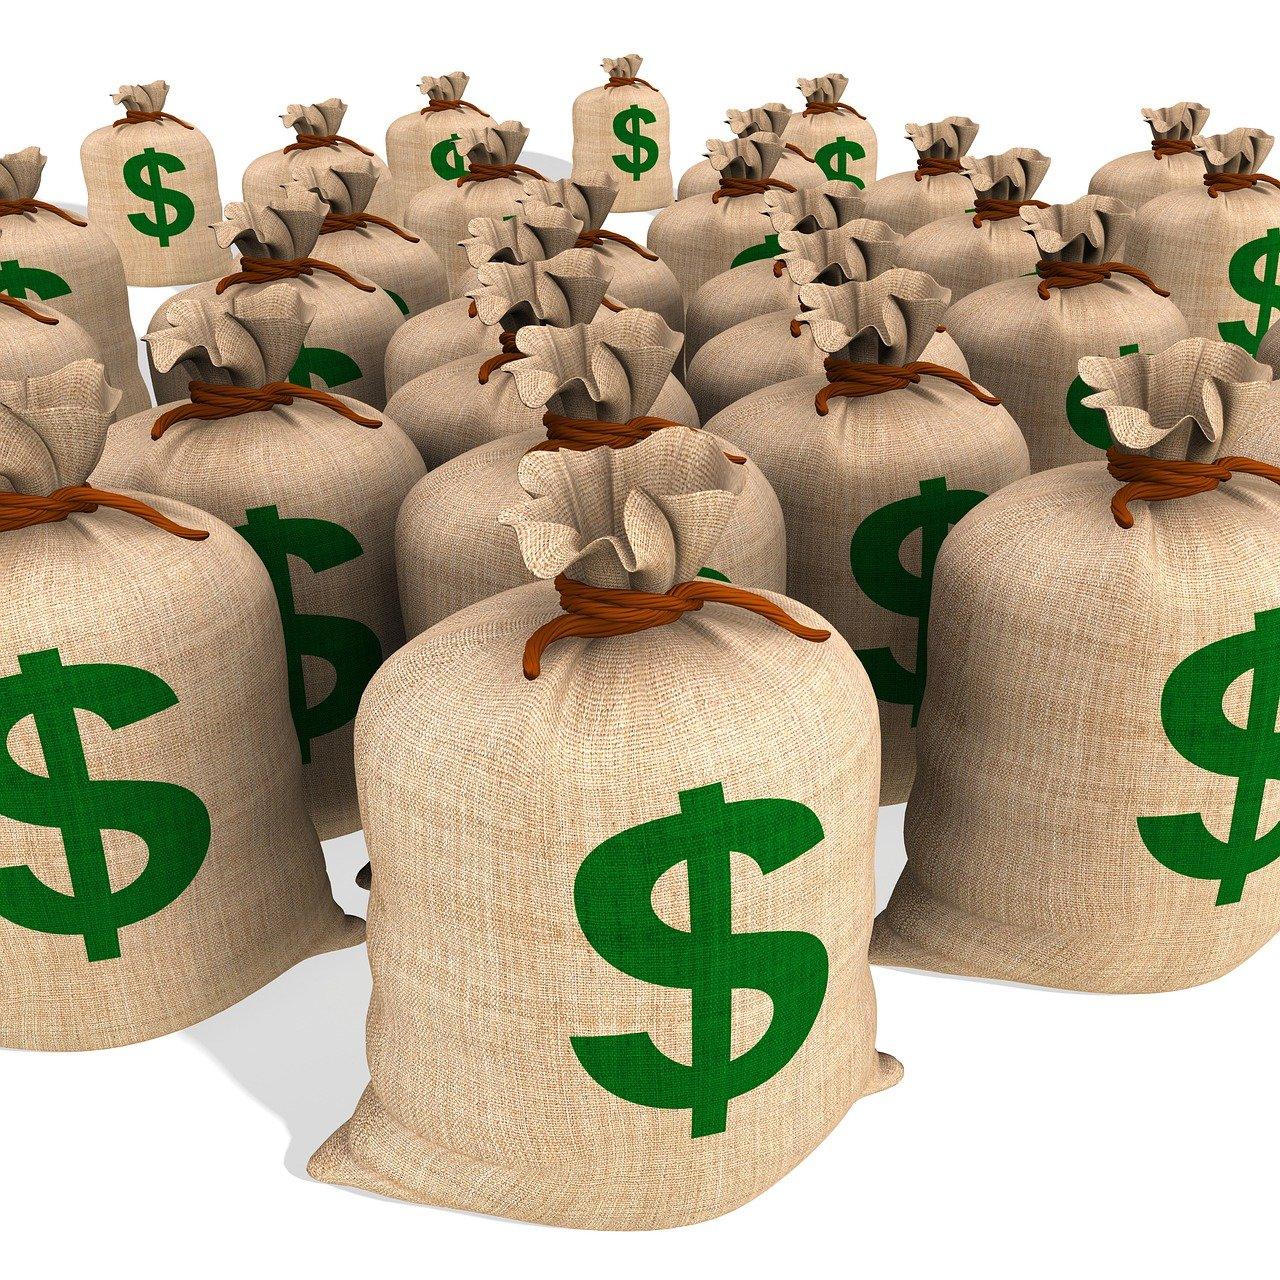 Торговая стратегия Only Profit (Онли Профит)